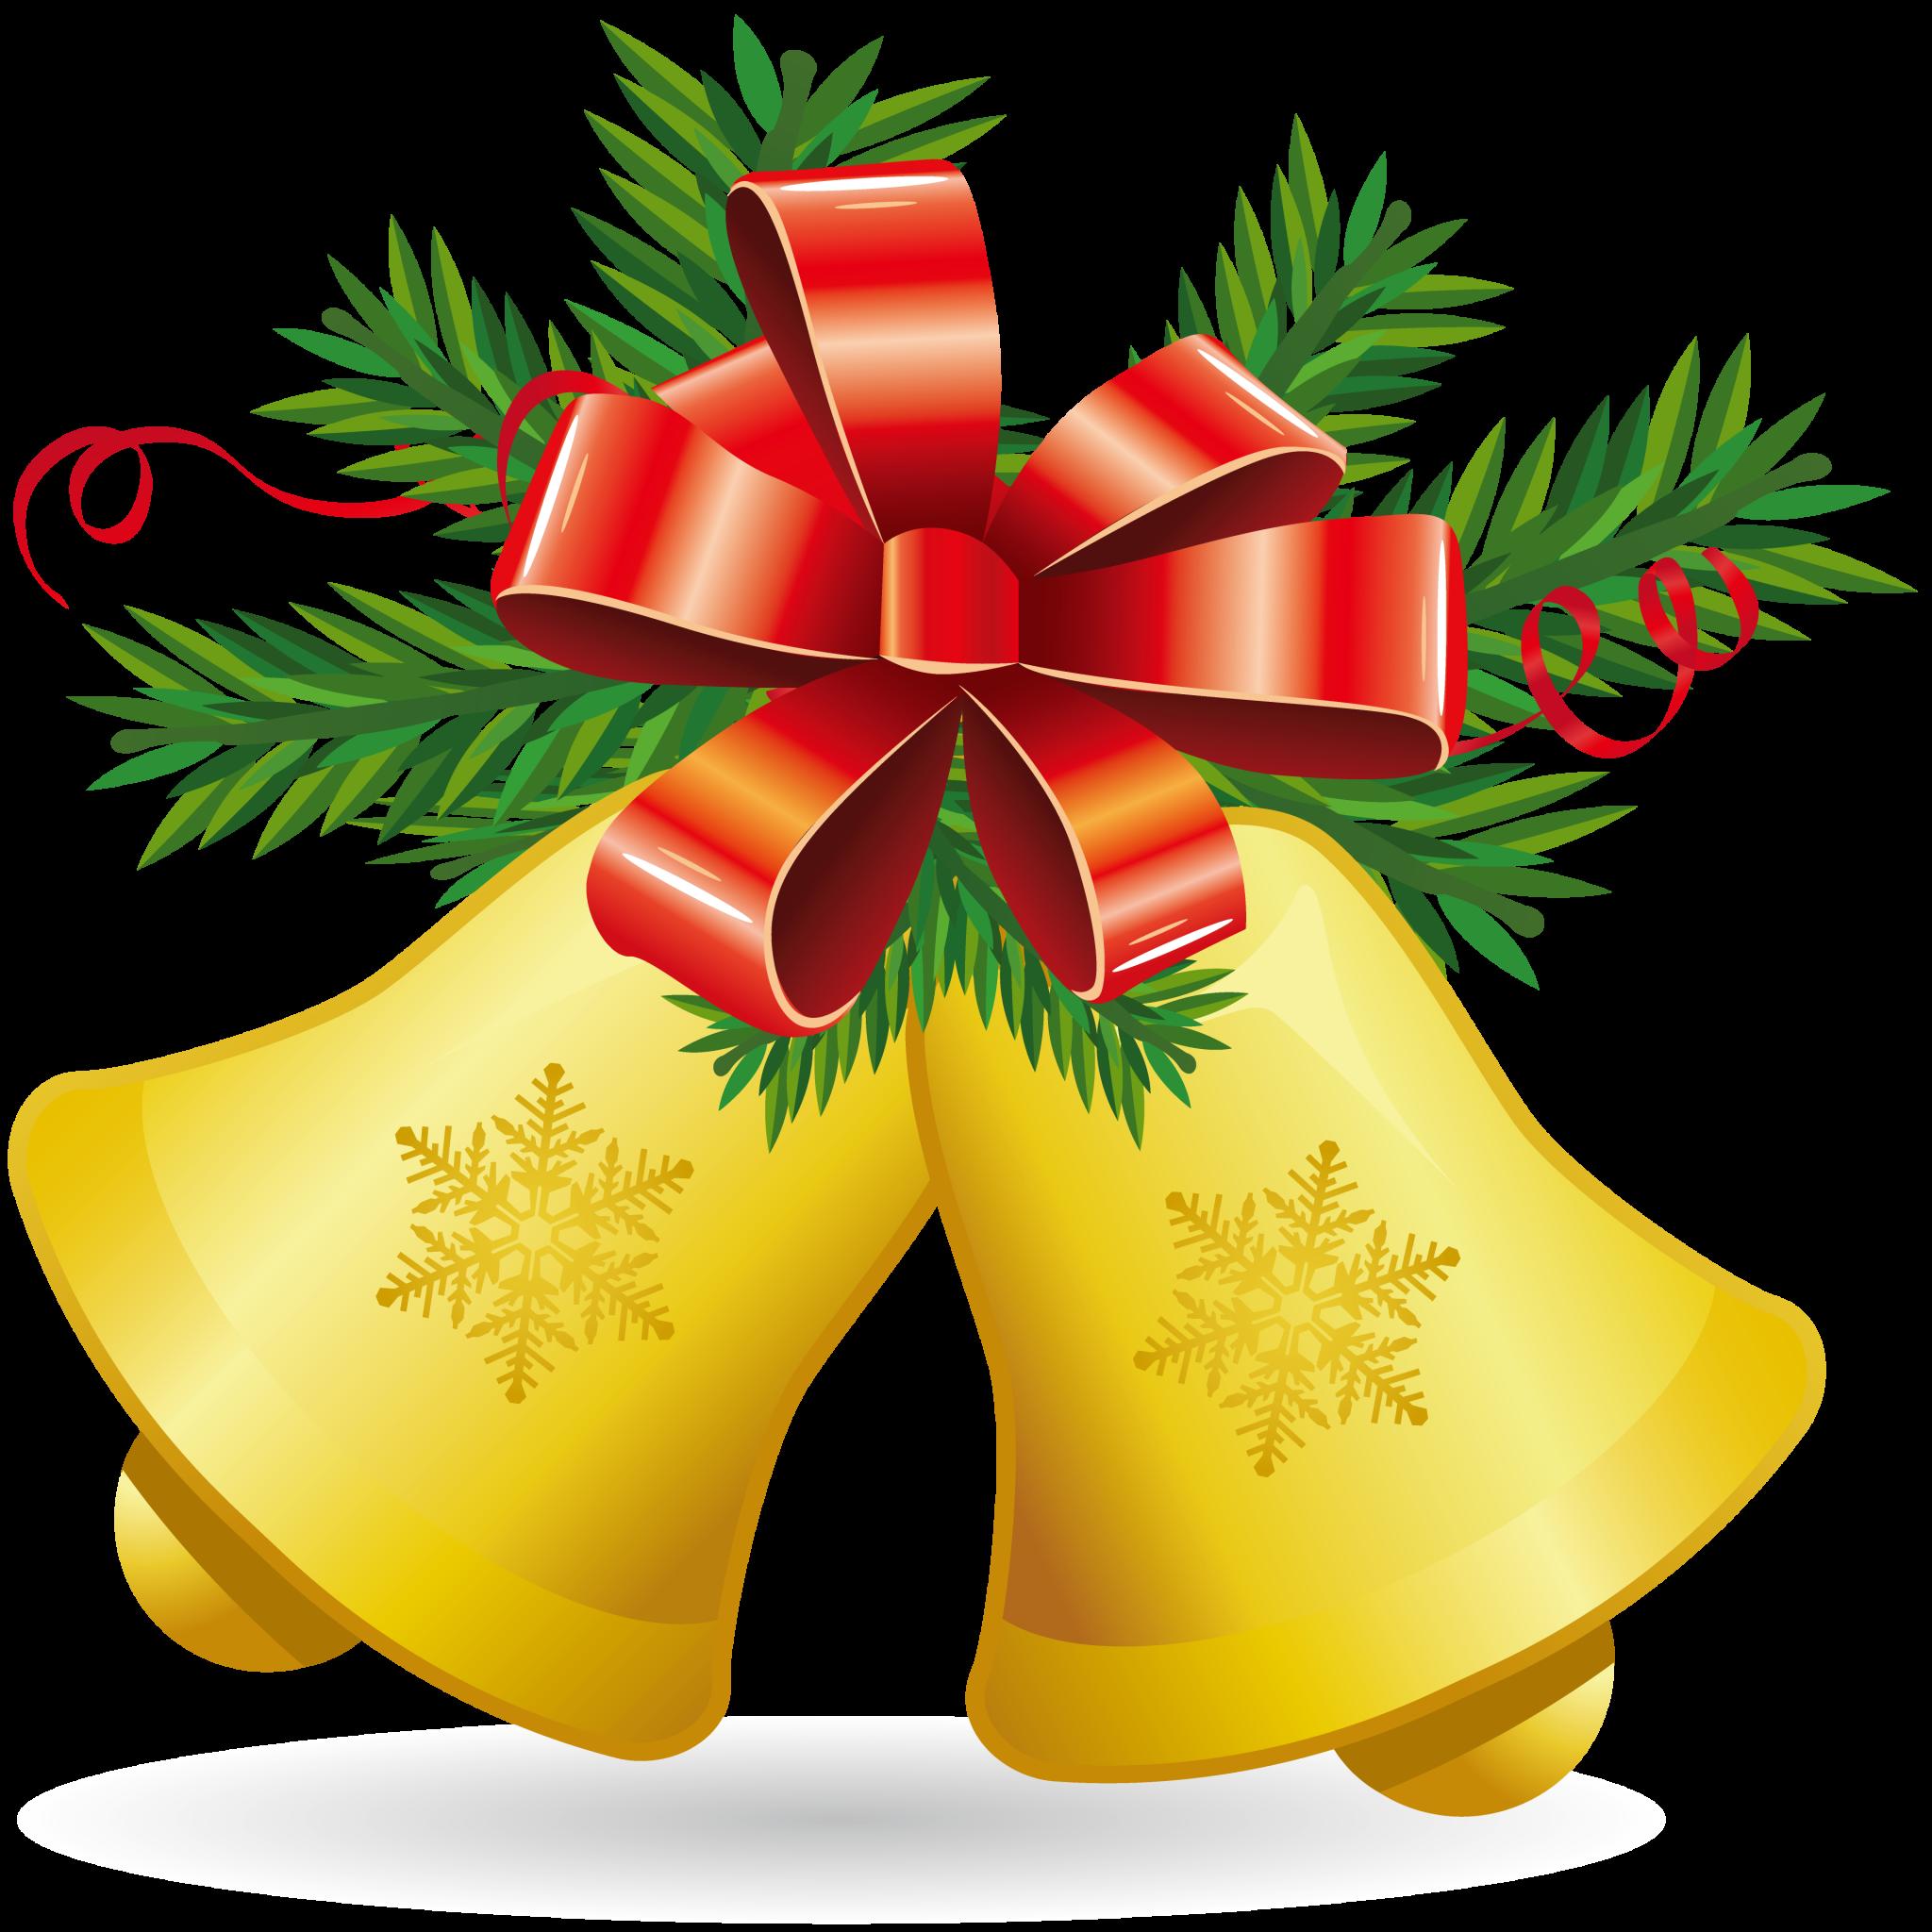 Vision clipart vision loss. Seasons greetings happy holidays